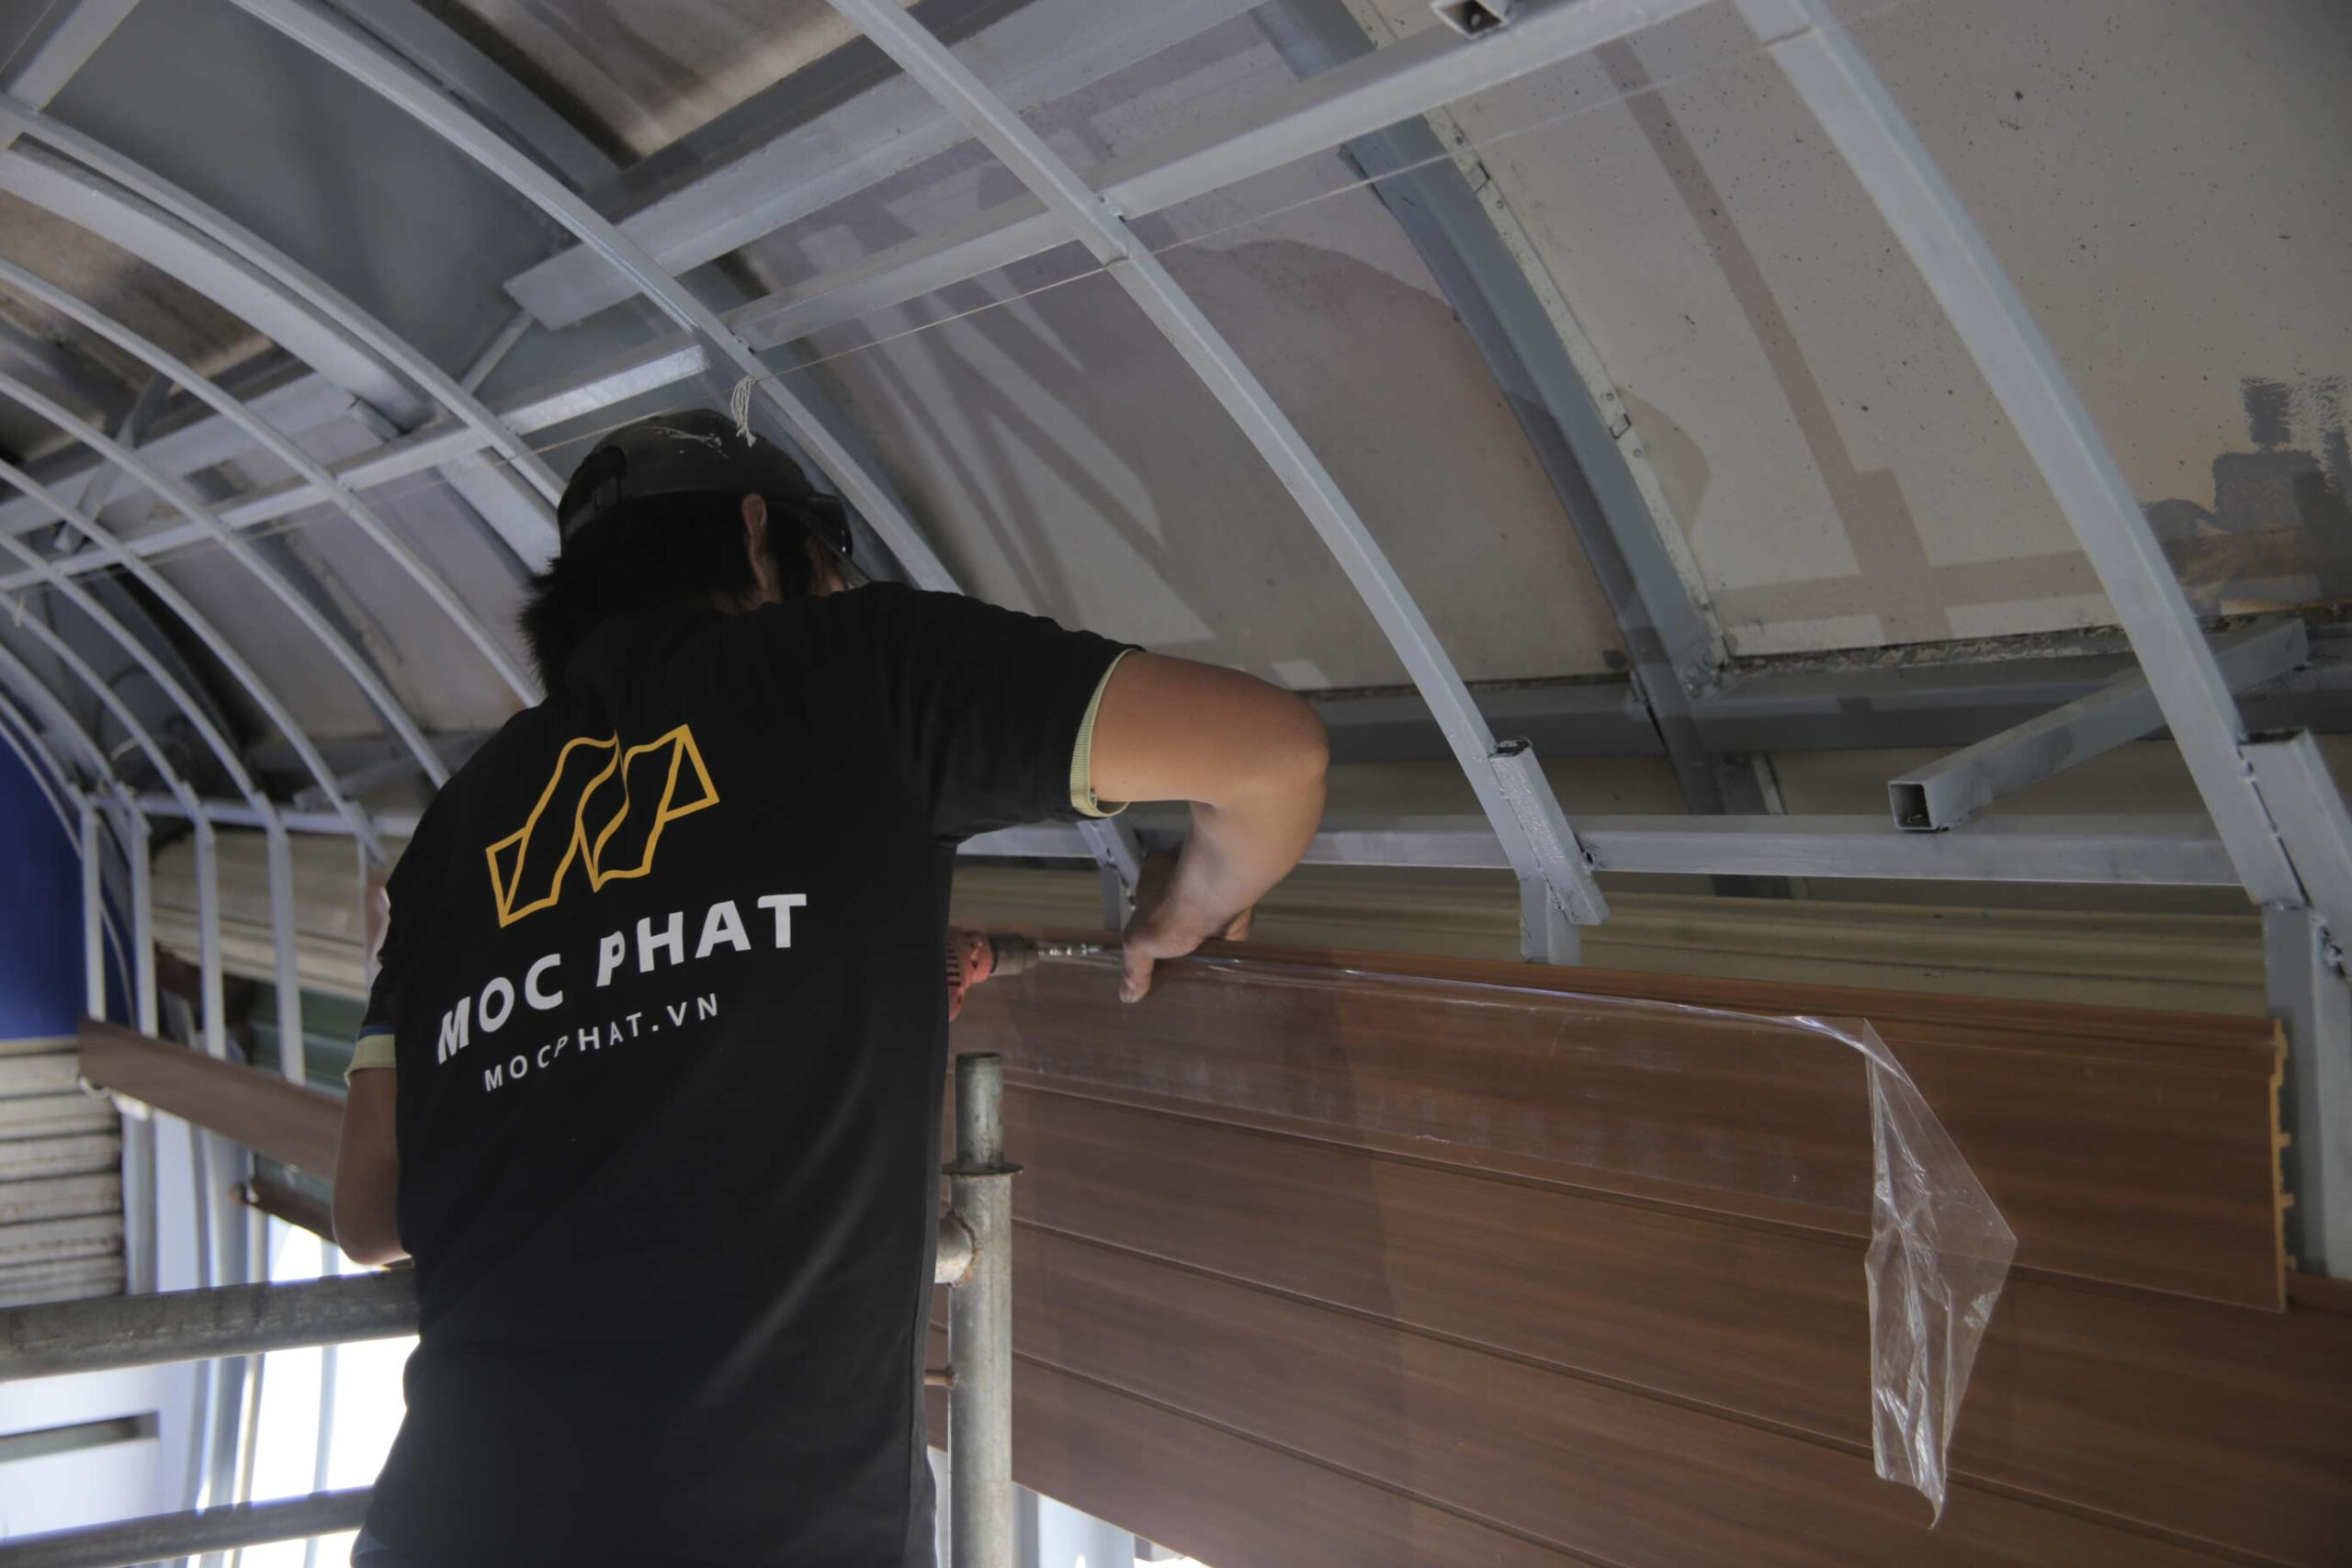 Hình ảnh thi công công trình ốp trần cho nhà hàng Ghành hào - Vũng Tàu